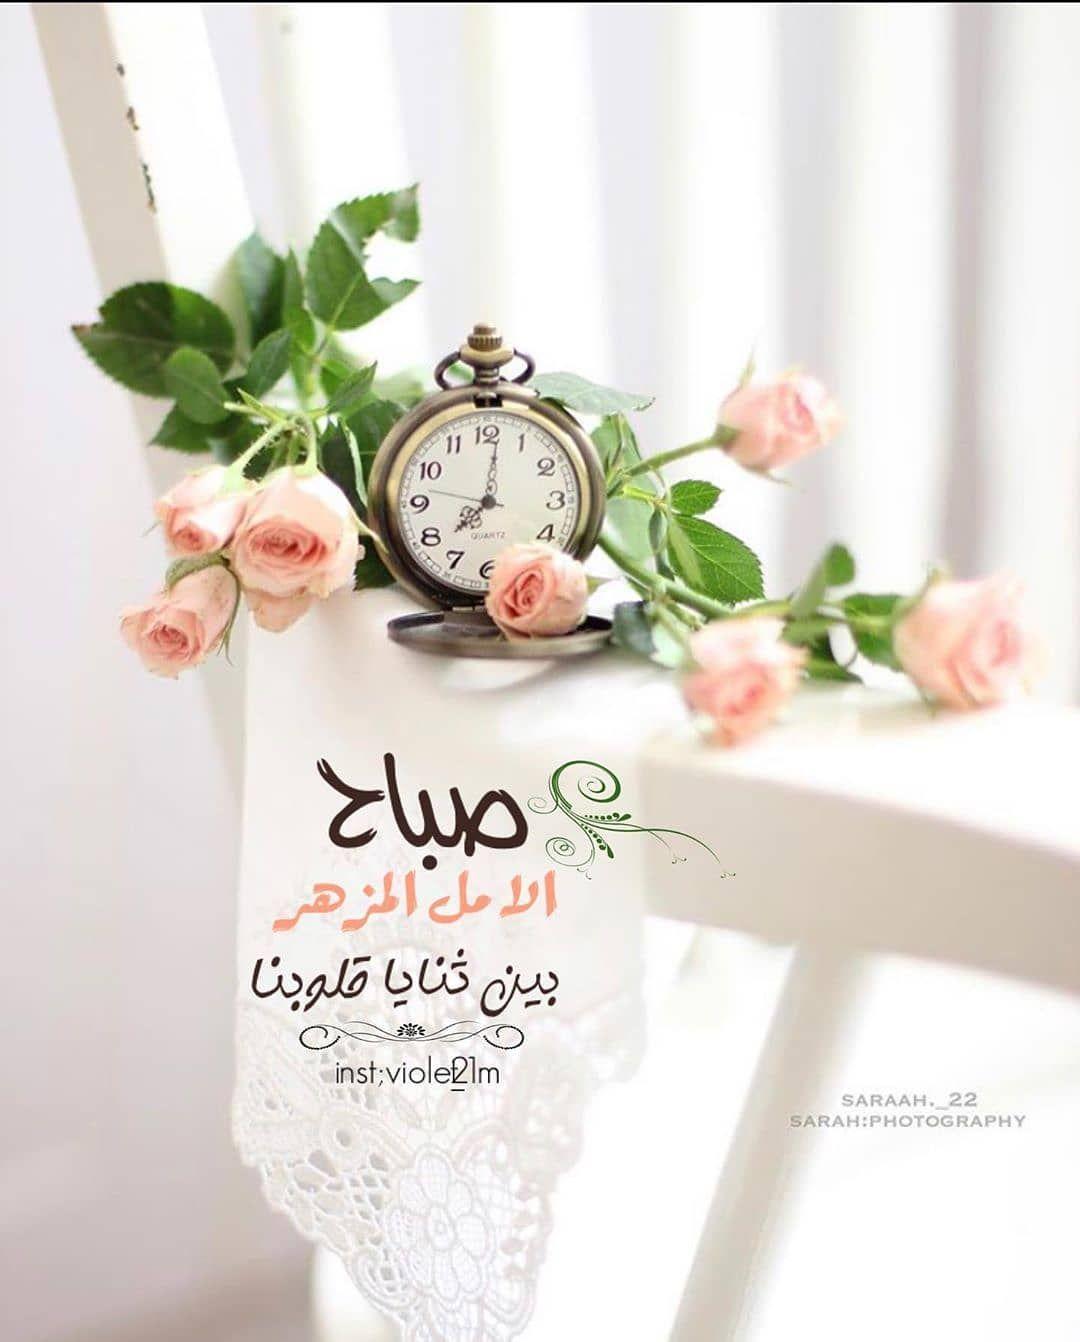 صبح و مساء On Instagram صباح الخيرات والمسرات صباح الورد Good Morning Images Flowers Good Morning Greetings Morning Greeting